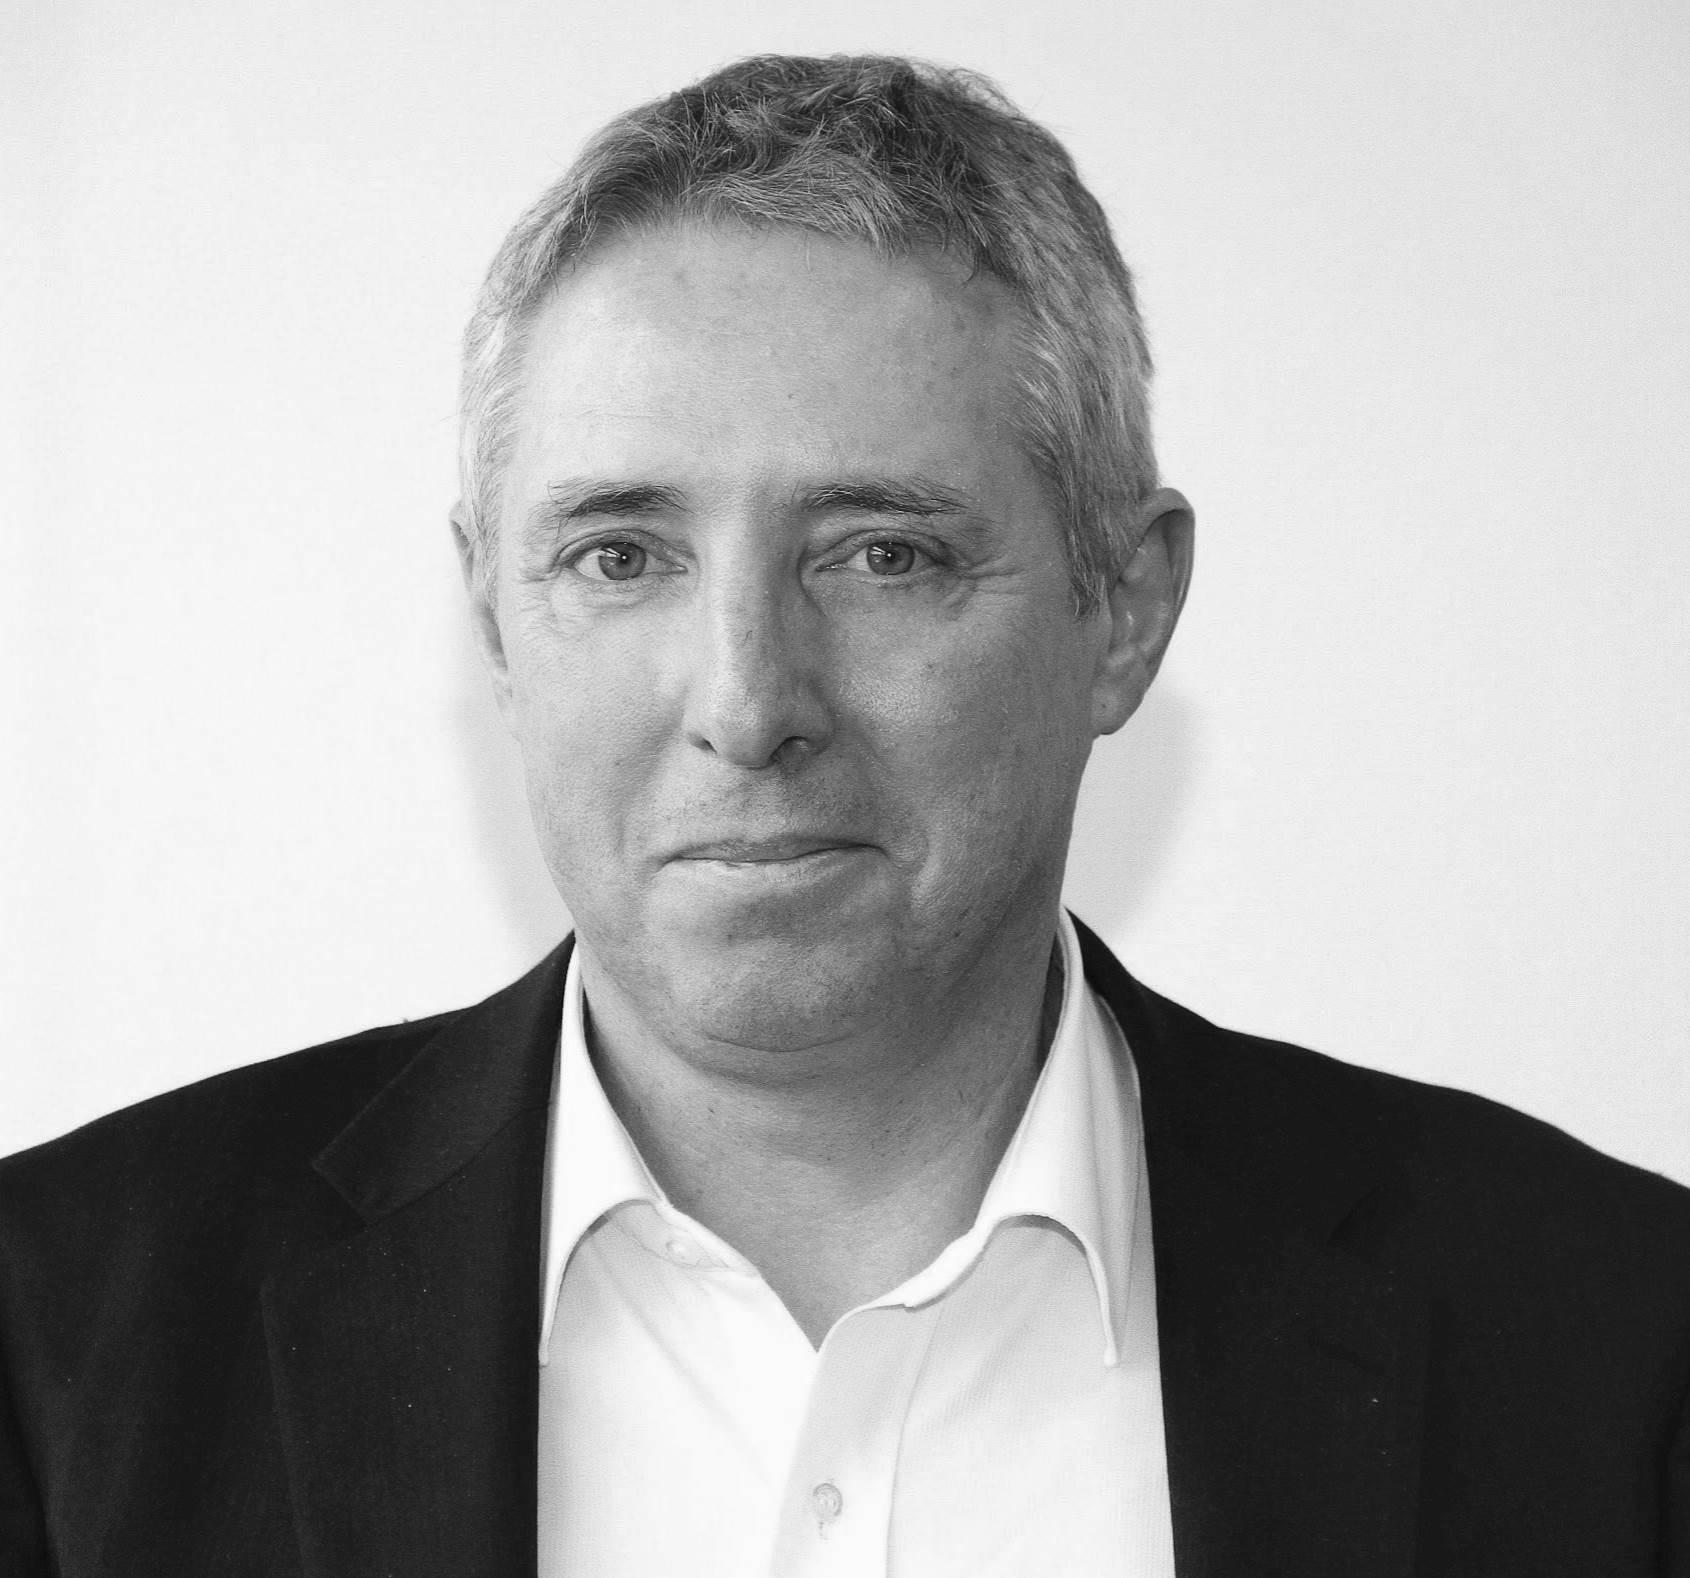 Jean-Luc FAURIAUX